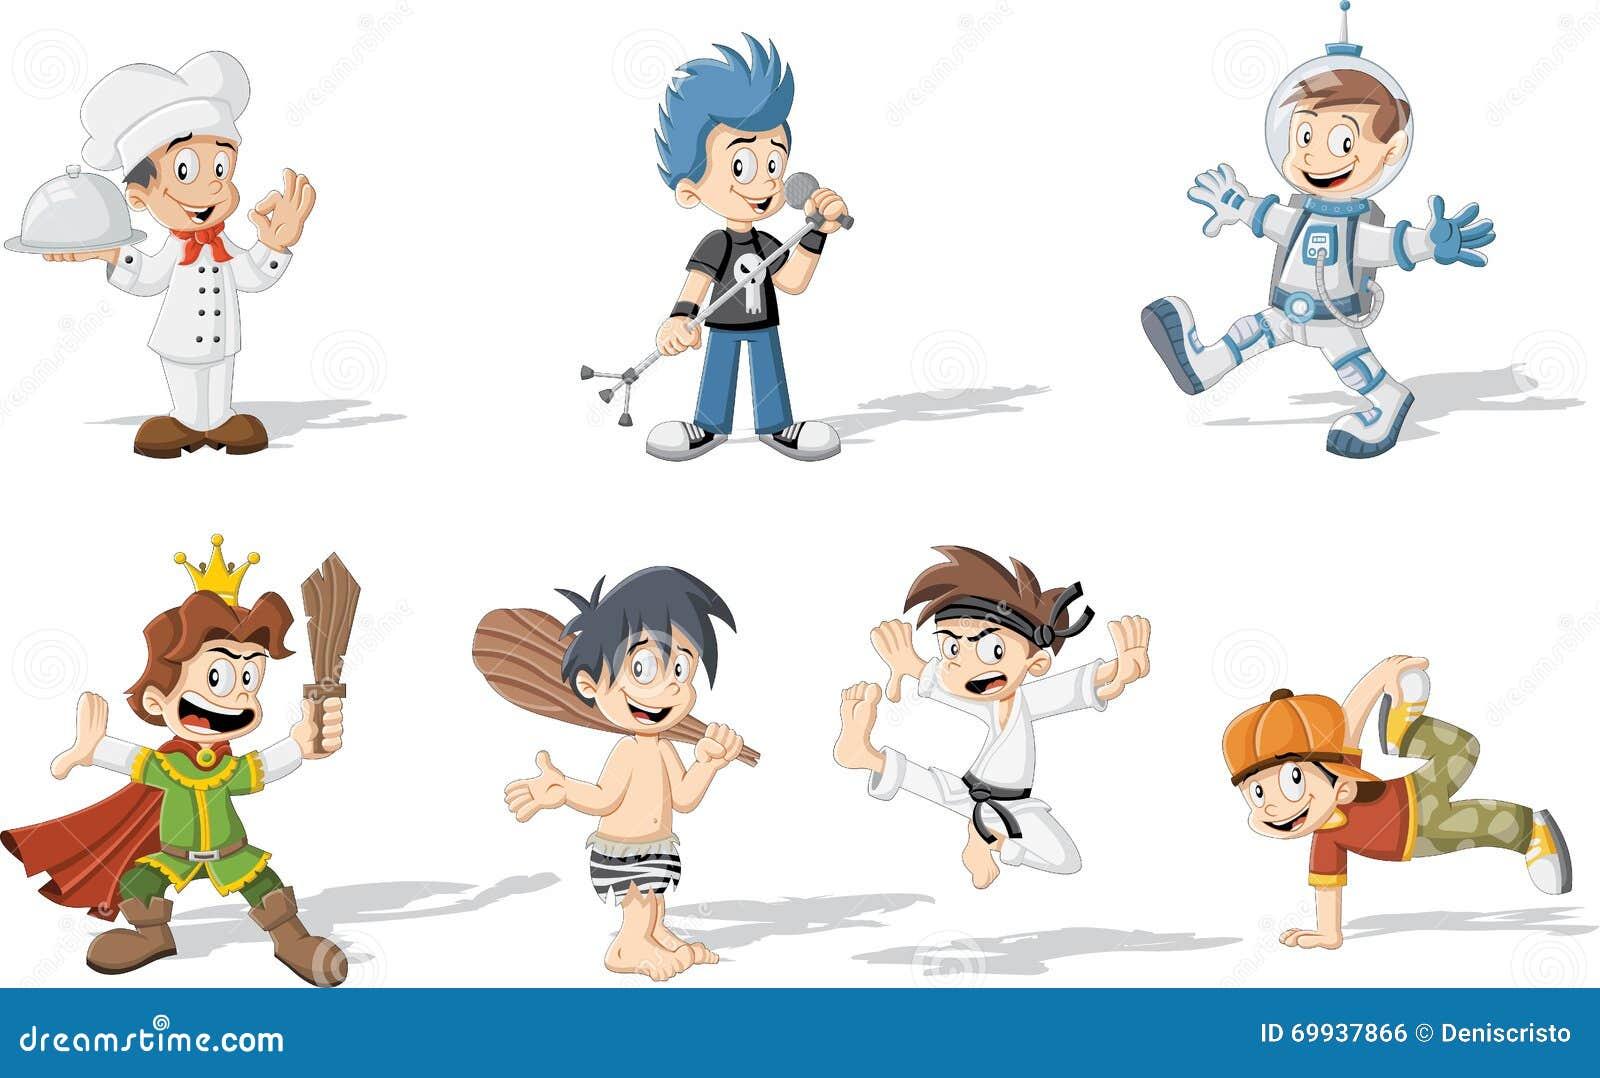 Karikaturjungen, die verschiedene Kostüme tragen